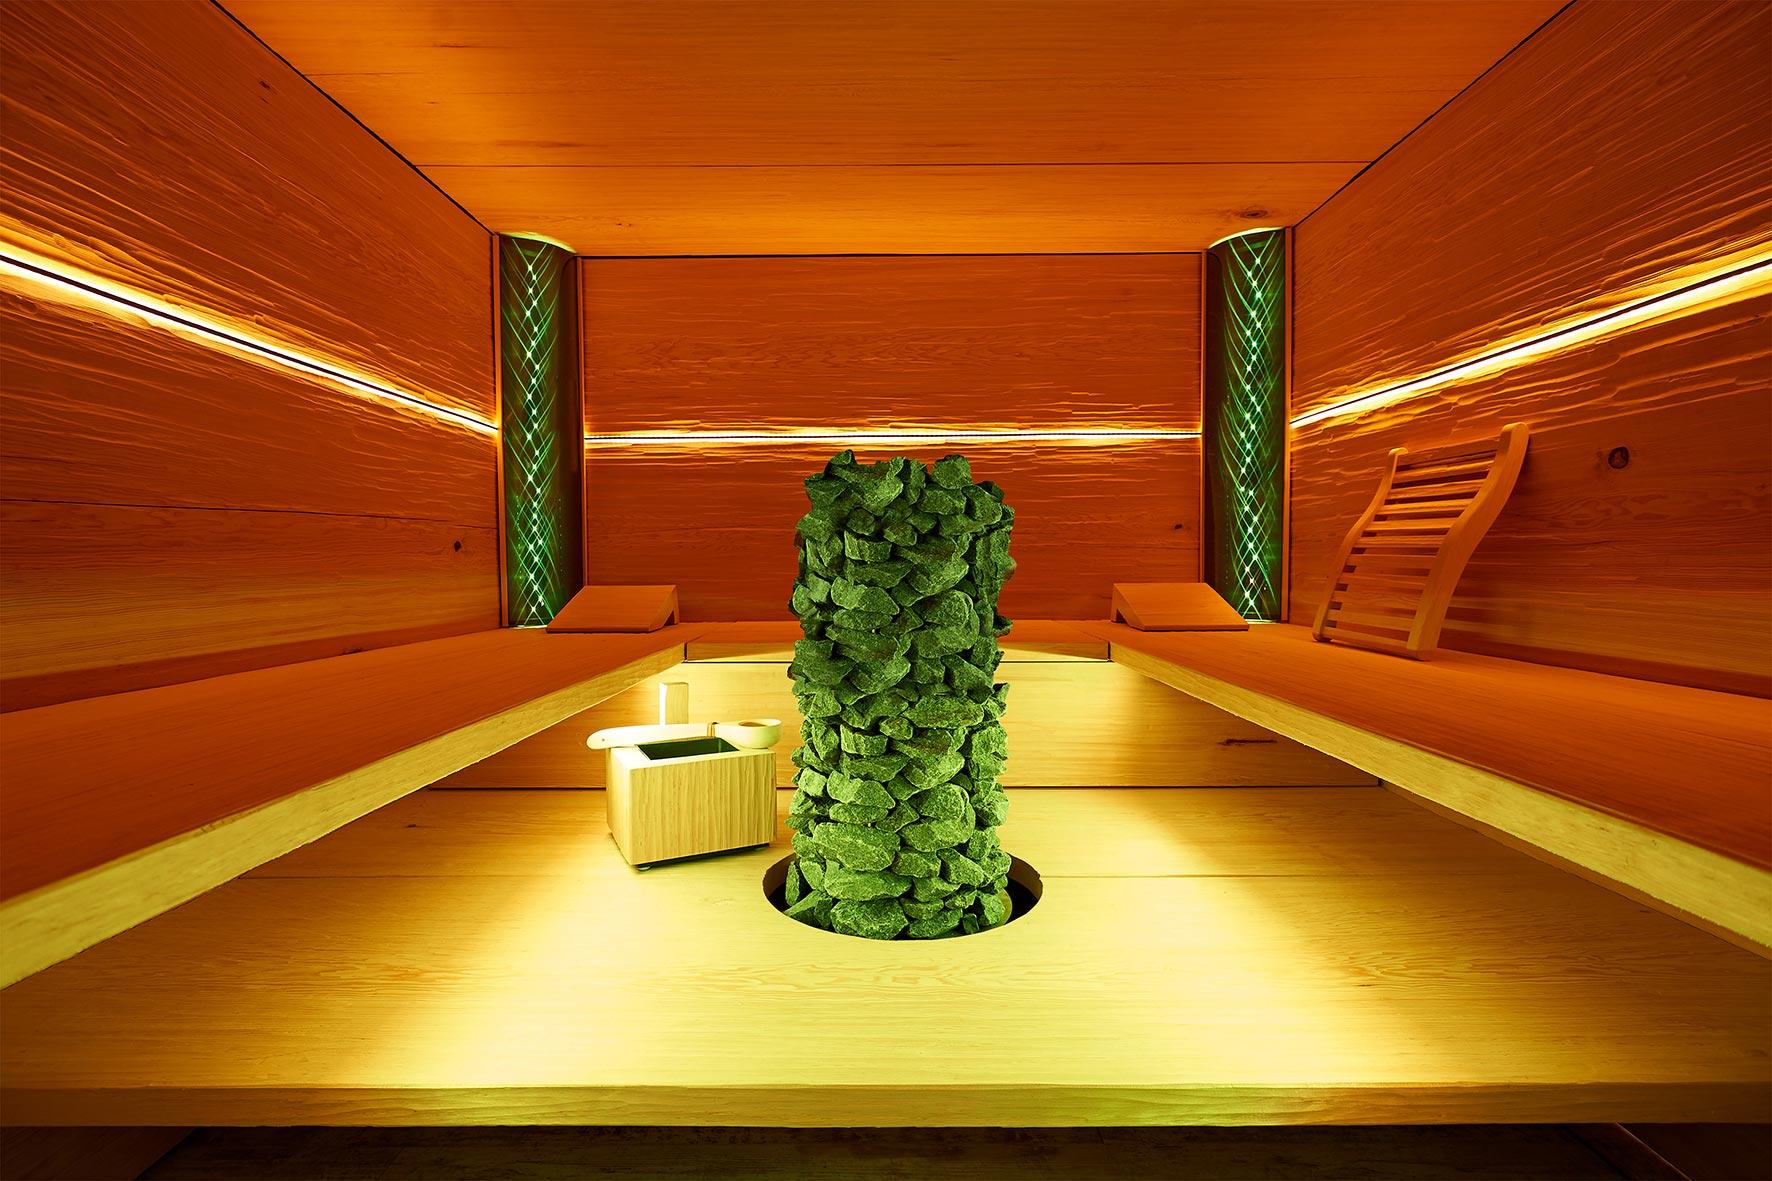 fechner erh lt 3 design auszeichnungen sowie ein g tesiegel f r ein saunadesign sauna zu hause. Black Bedroom Furniture Sets. Home Design Ideas